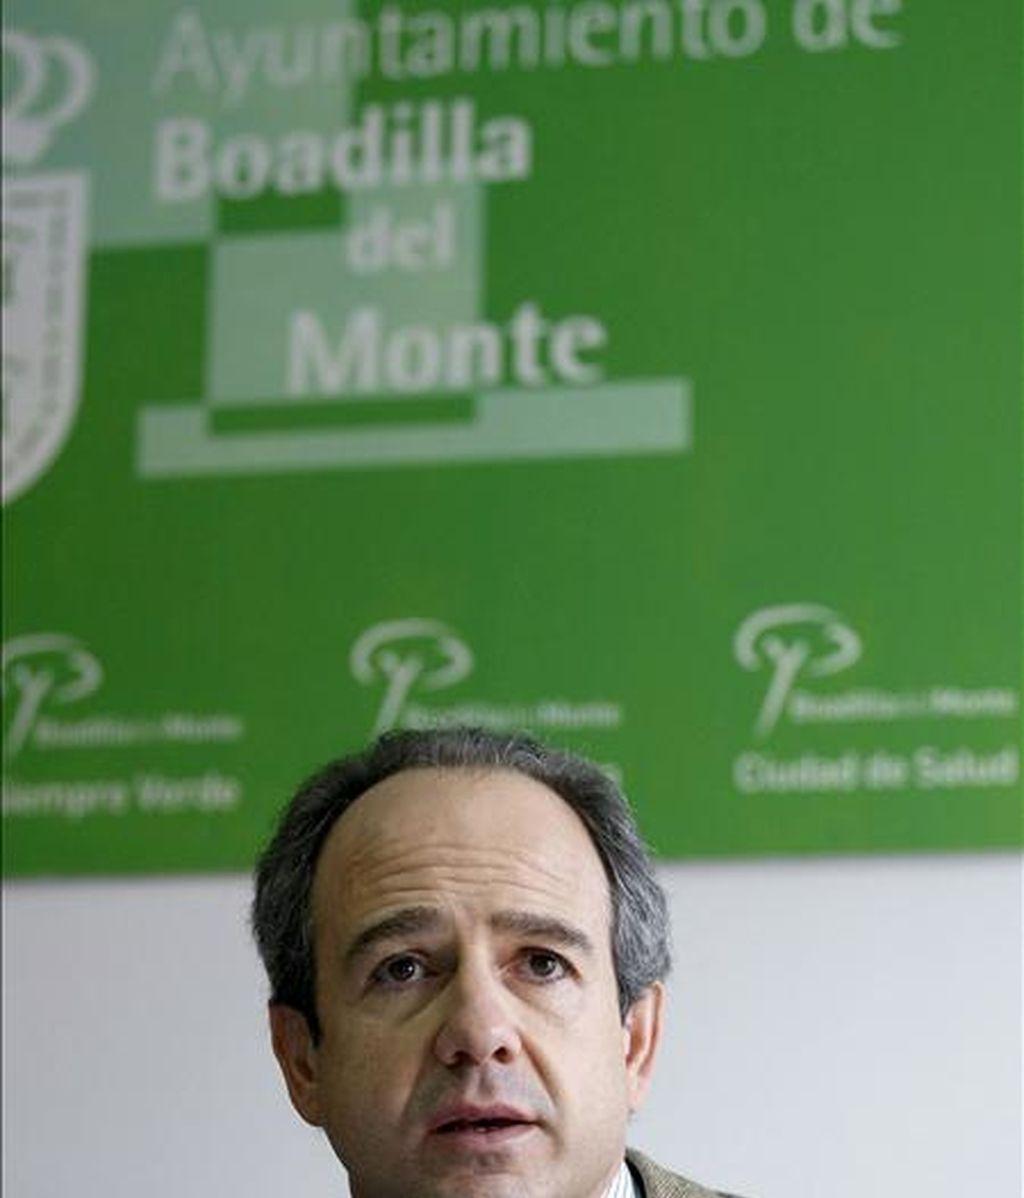 El alcalde de Boadilla del Monte, Arturo González Panero, durante la rueda de prensa que ha ofrecido en referencia a la operación contra la corrupción, el tráfico de influencias y el blanqueo de capitales que se ha desarrollado en su municipio y otras localidades españolas. EFE